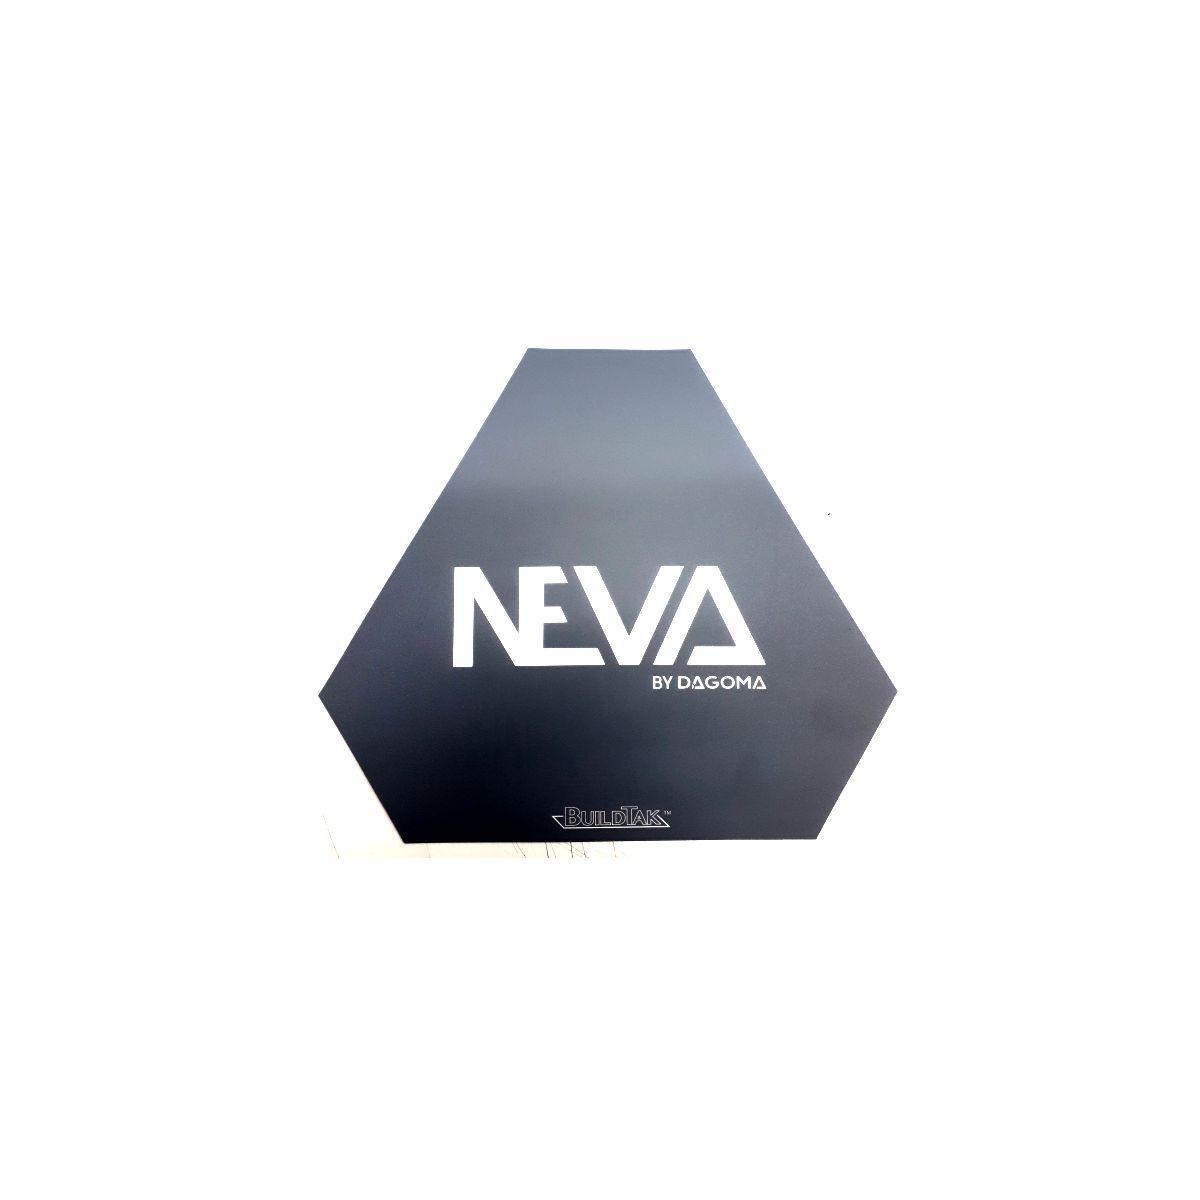 Accessoire imprimante 3d dagoma buildtak neva - 2% de remise imm�diate avec le code : au